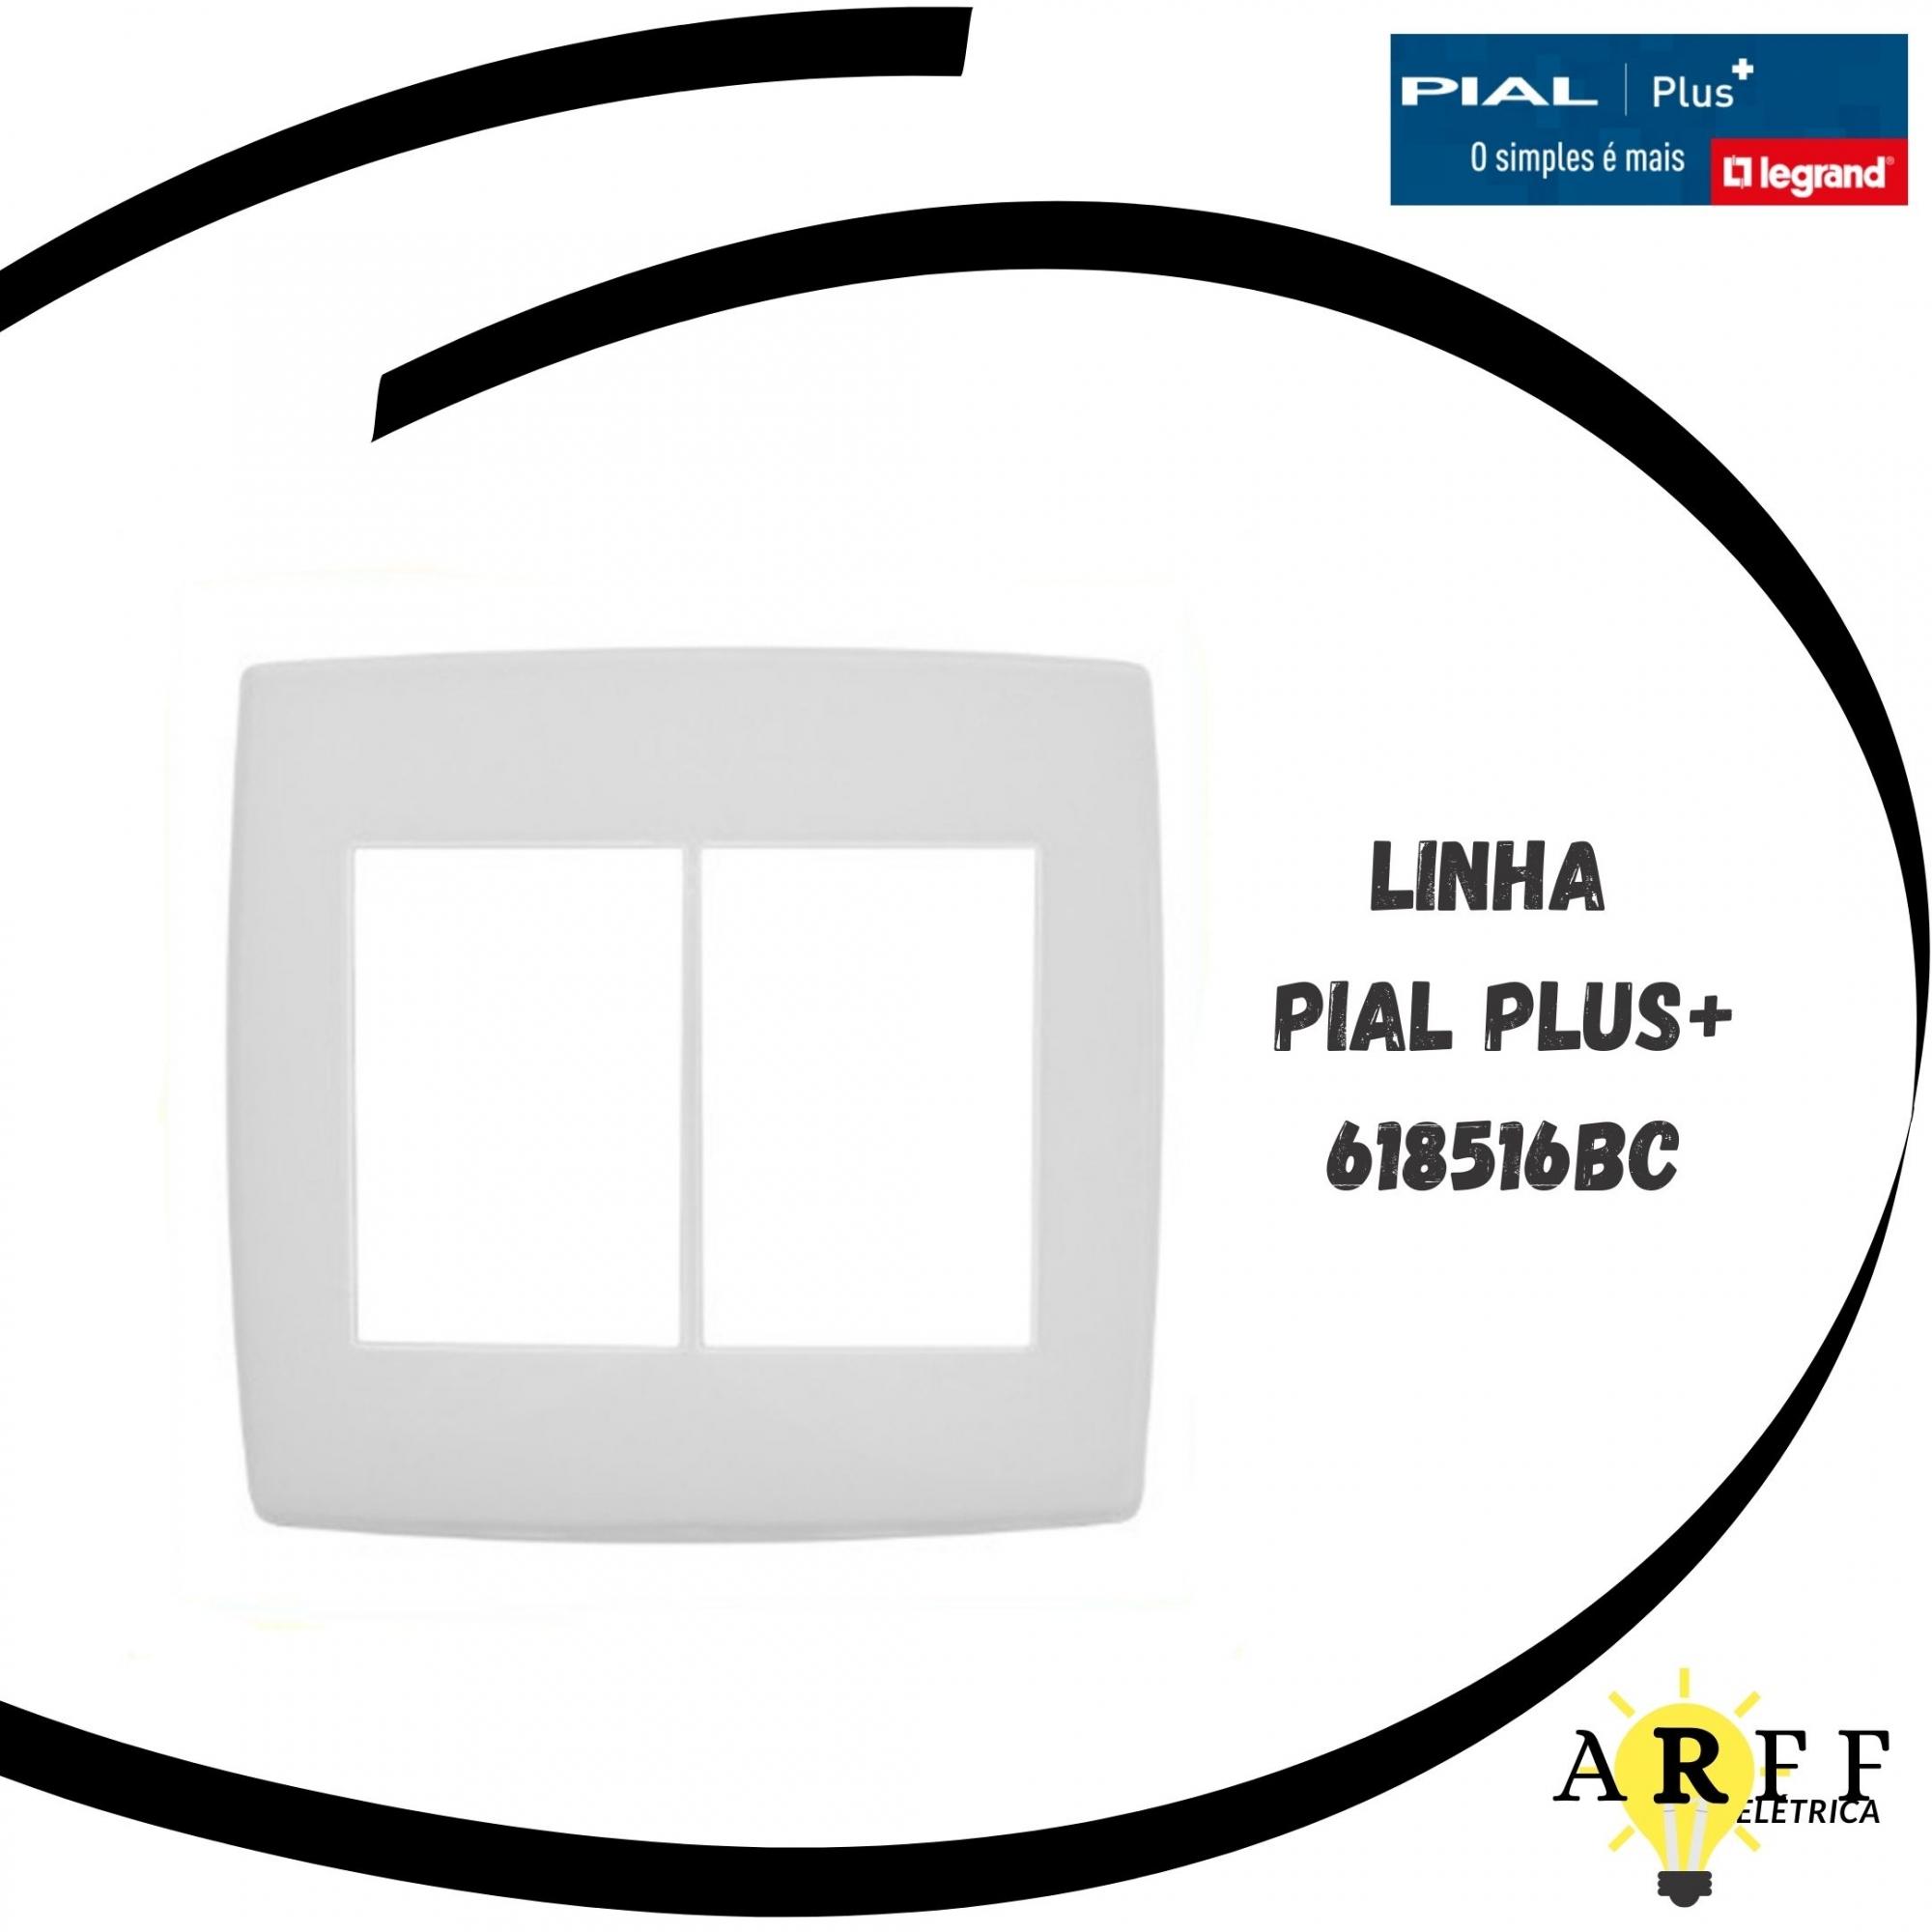 618516BC - Placa 3+3 Posto 4x4 99BR - Pial Plus+ LEGRAND